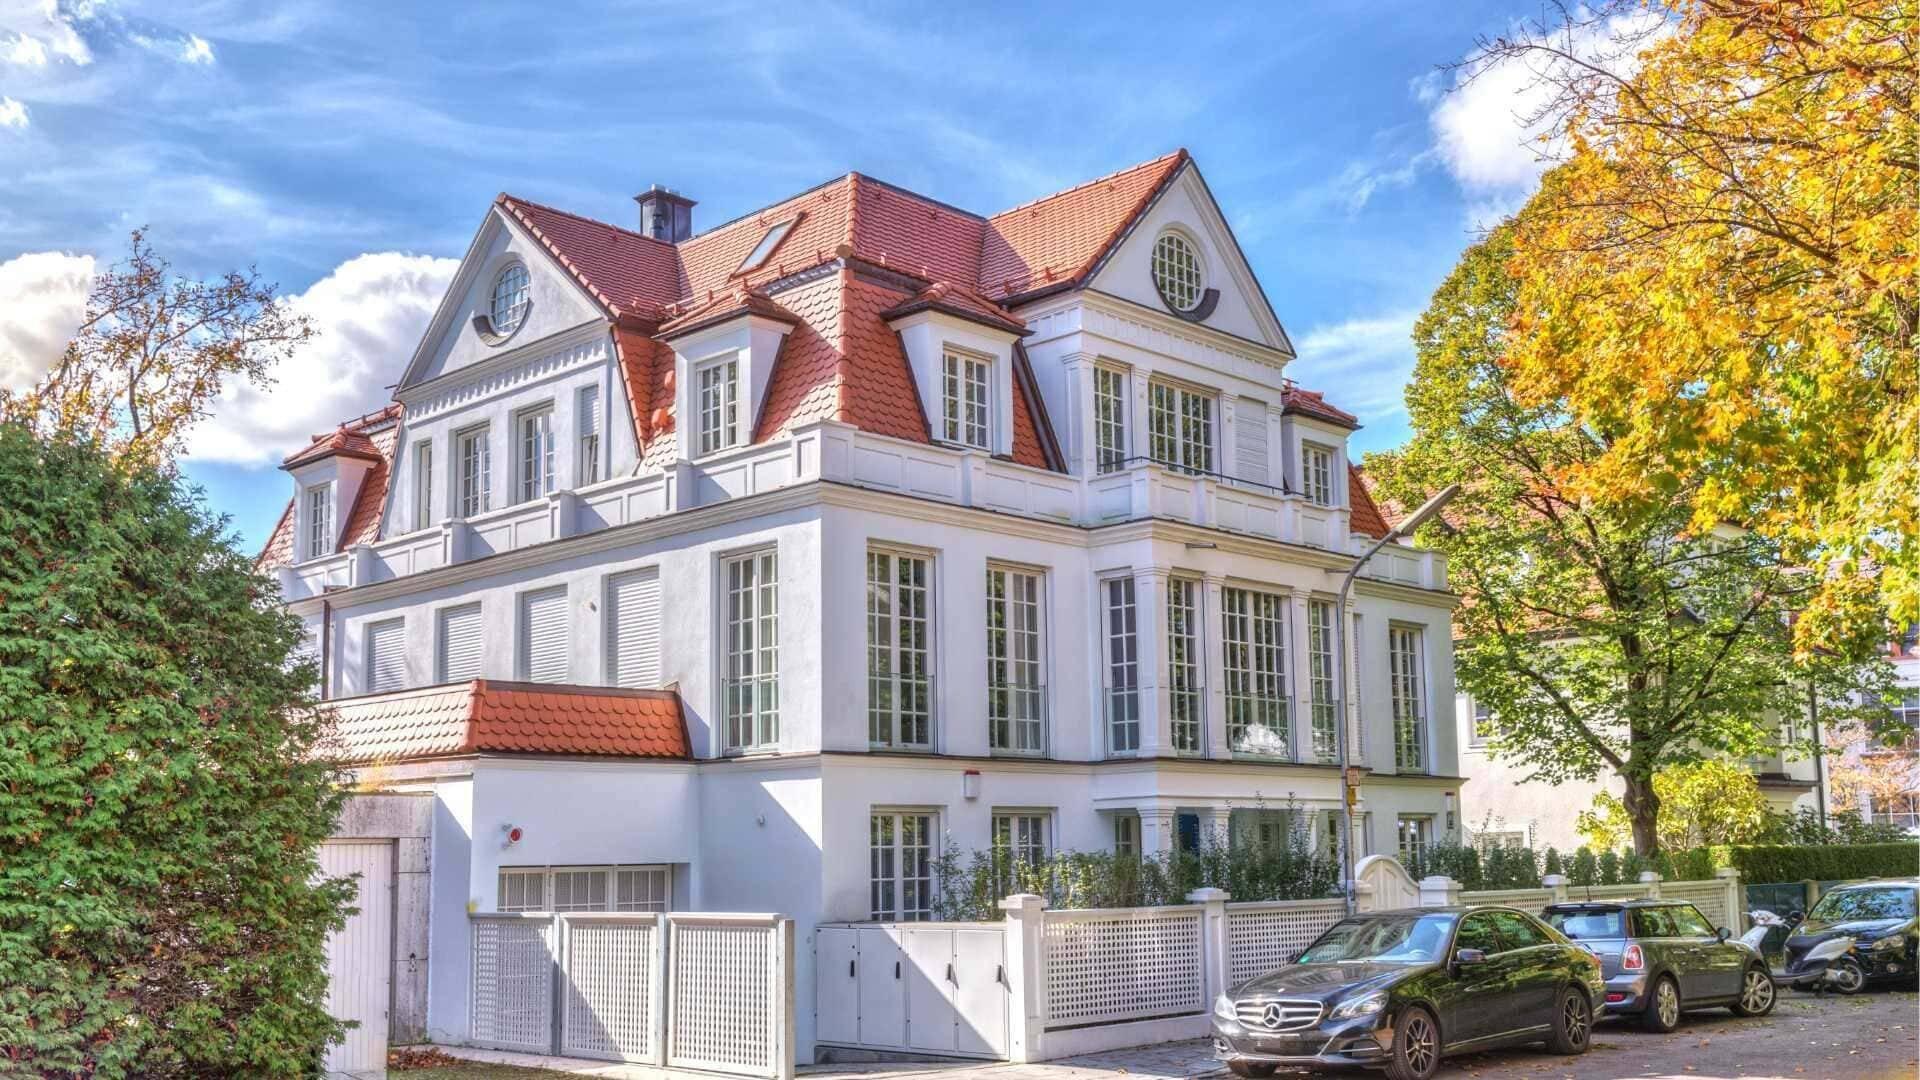 Immobilie verkaufen an vorgemerkte Kunden